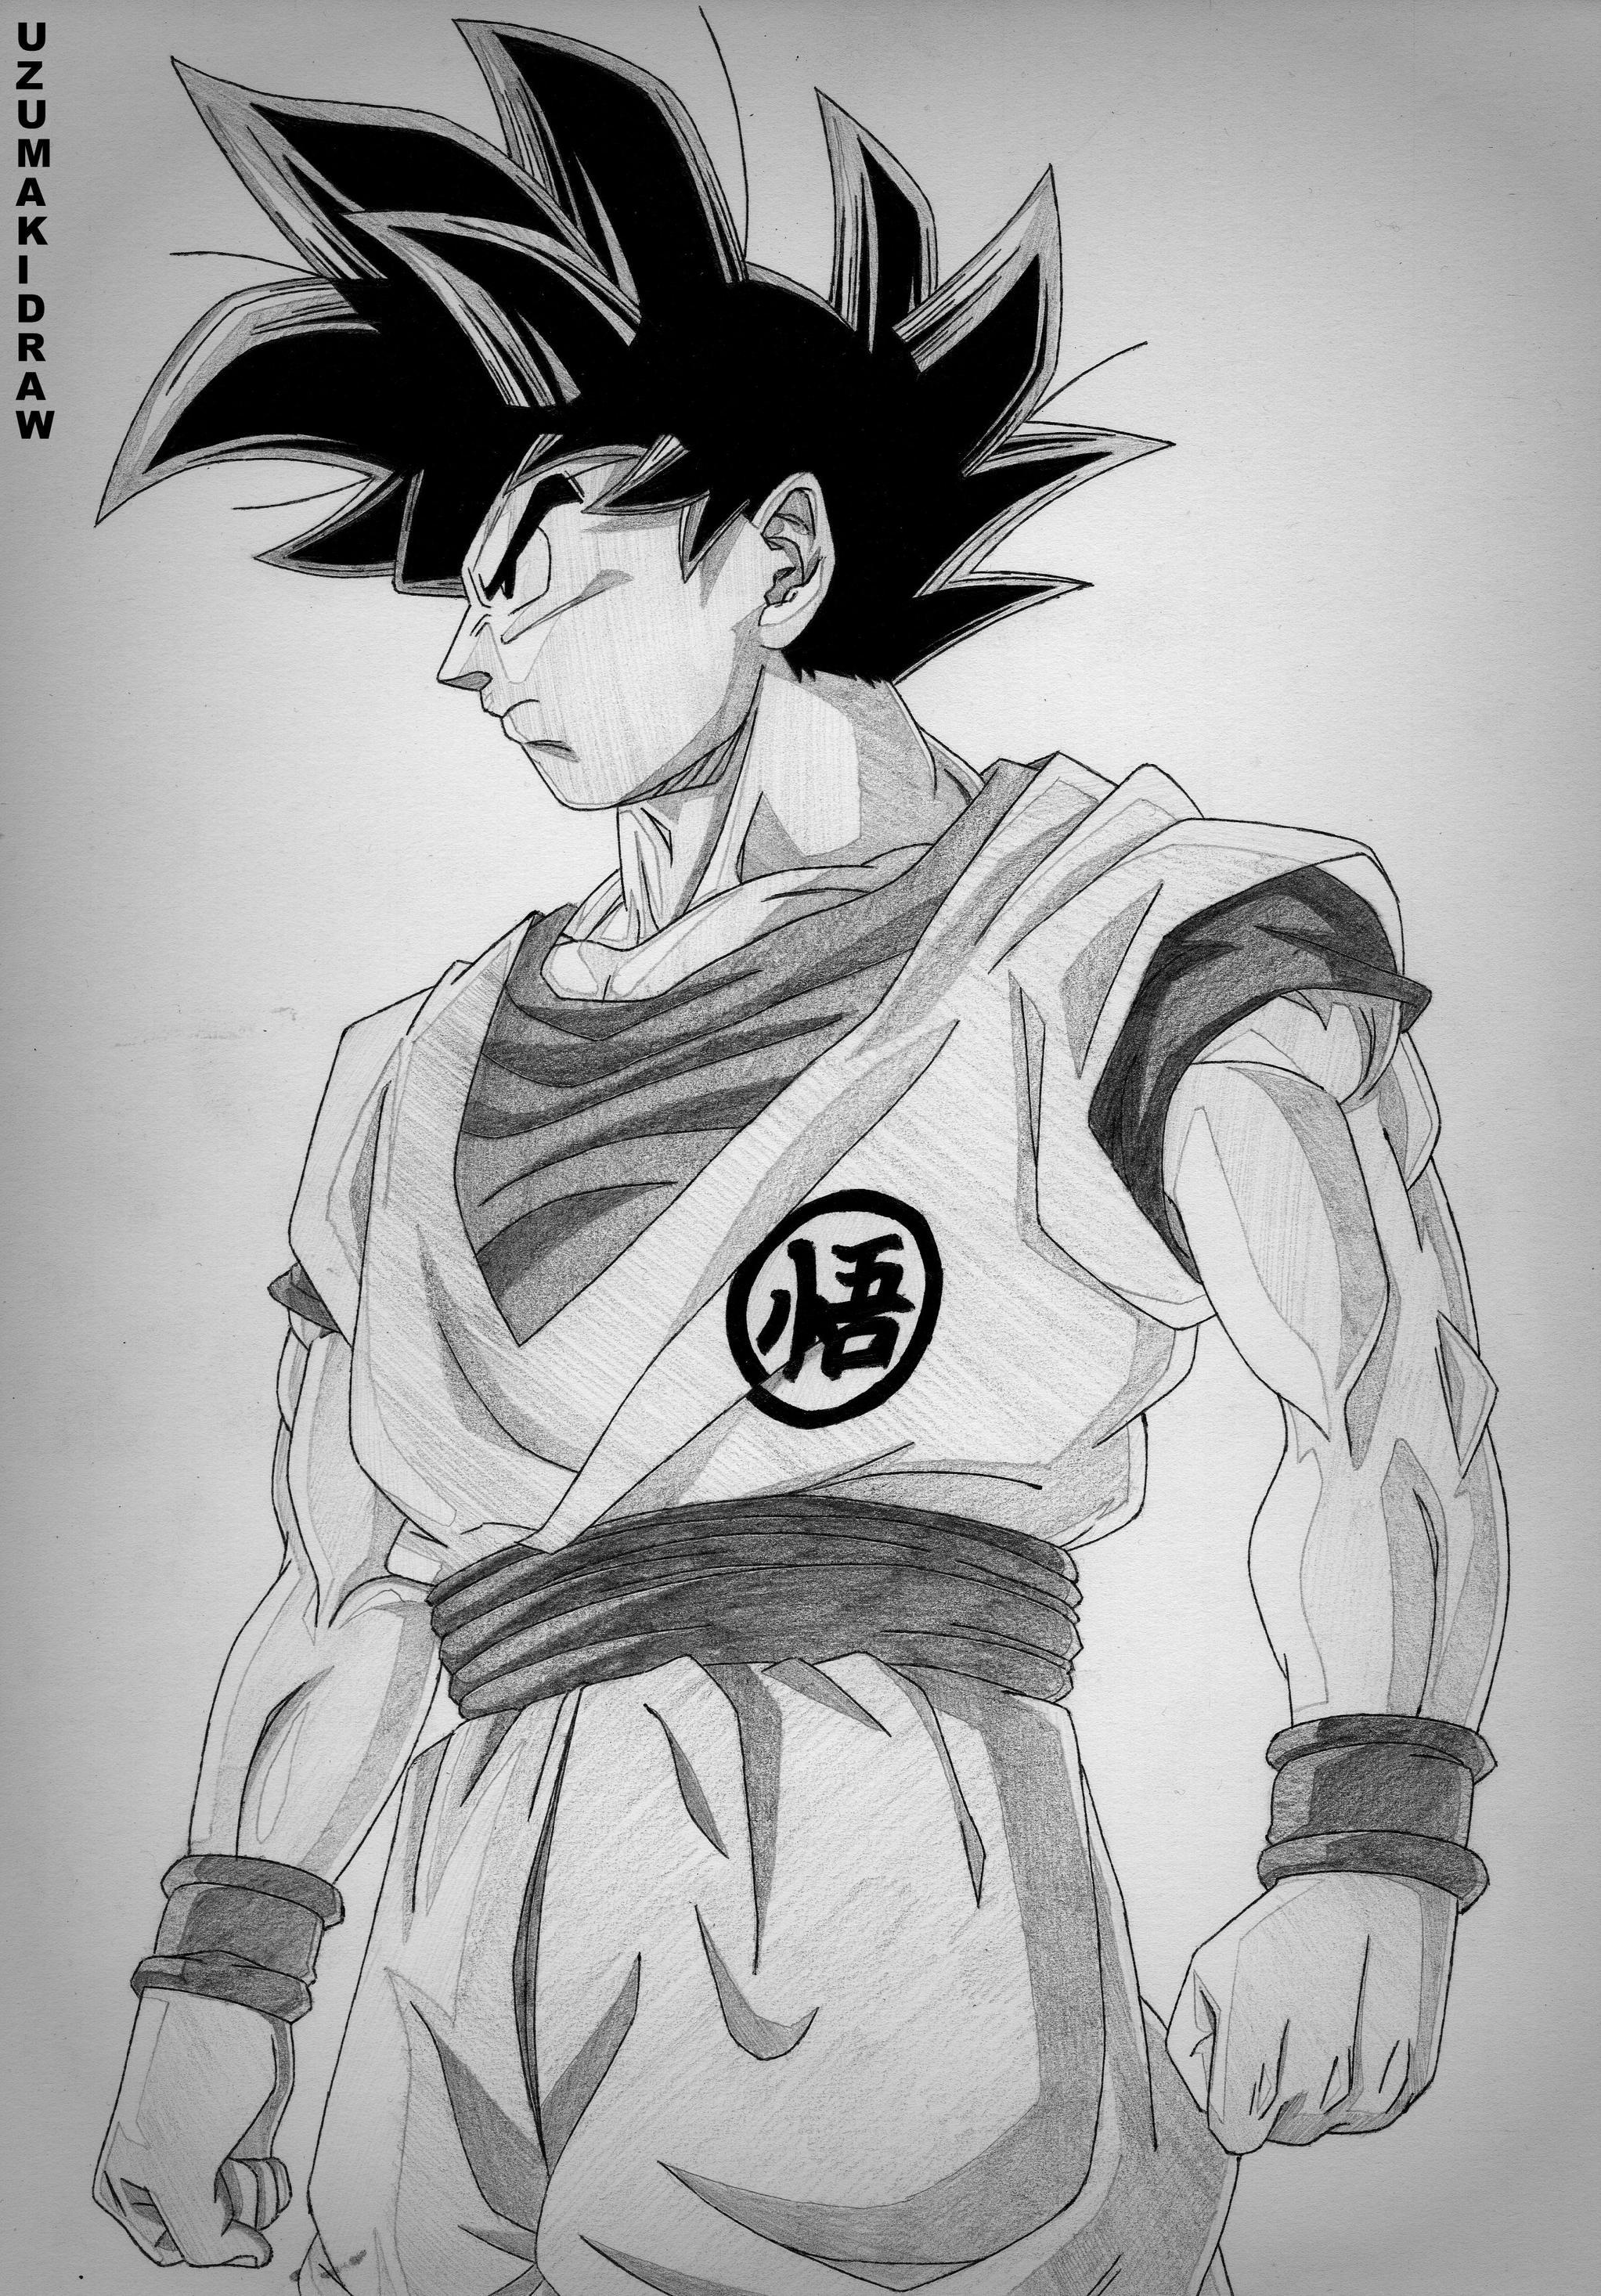 Goku ultra instinct by uzumakidraw on deviantart - Goku ultra instinct sketch ...